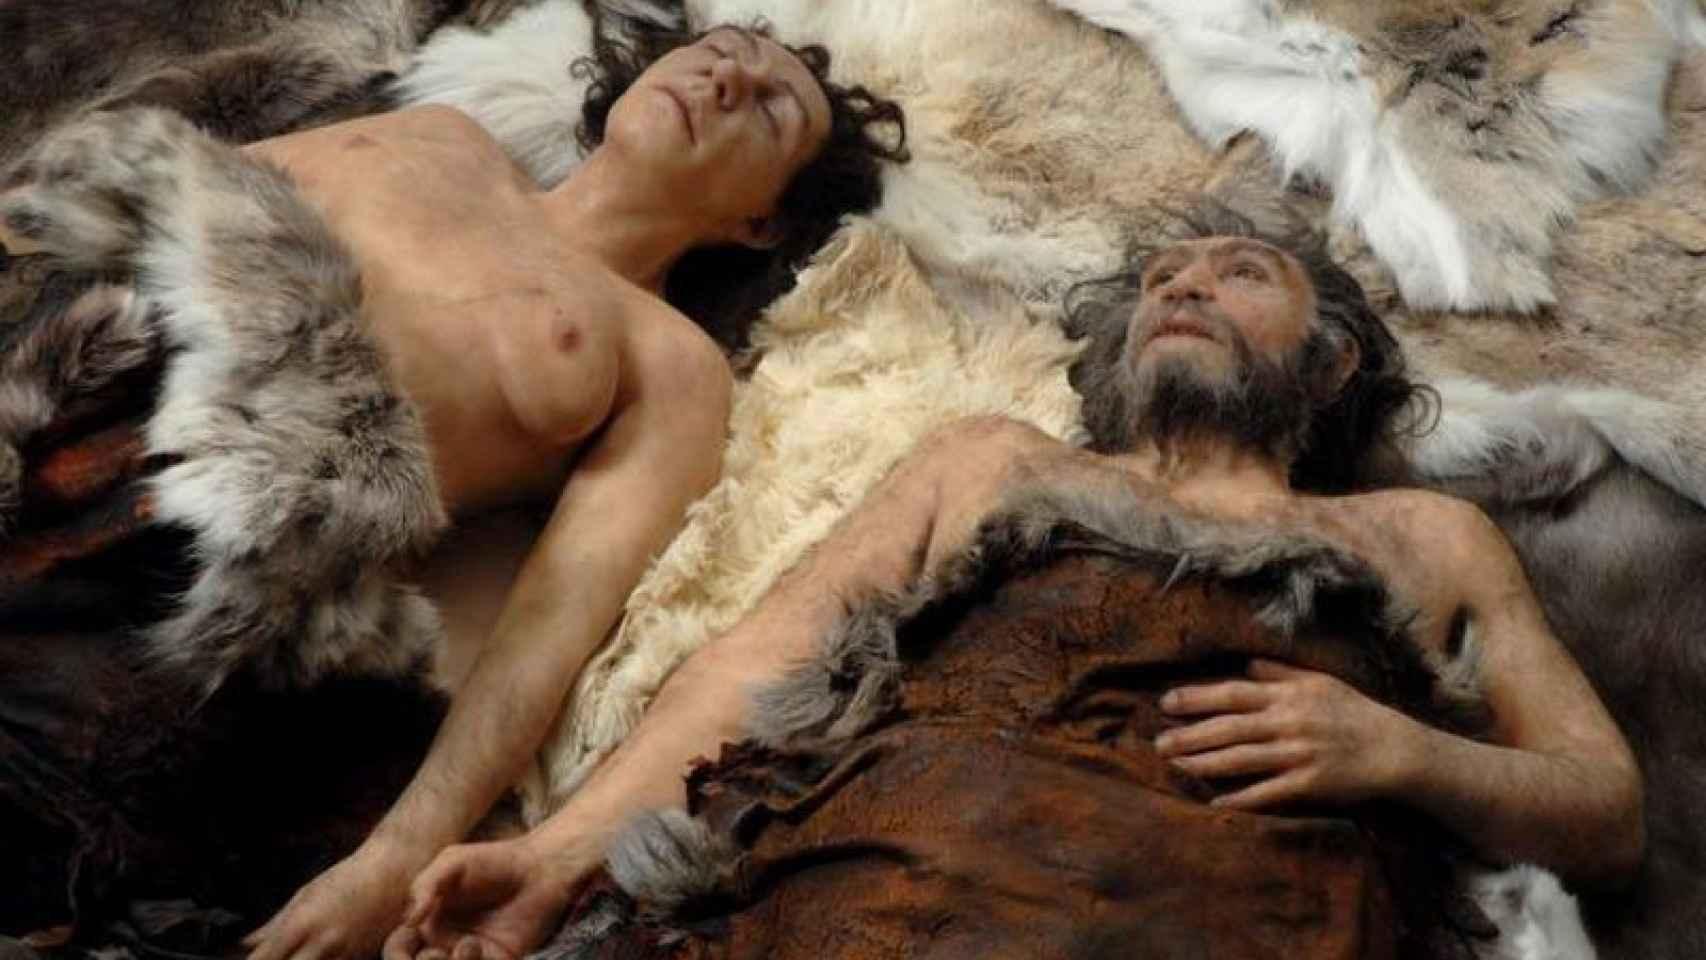 Los neandertales primero tuvieron sexo entre ellos (luego llegaron los denisovanos).